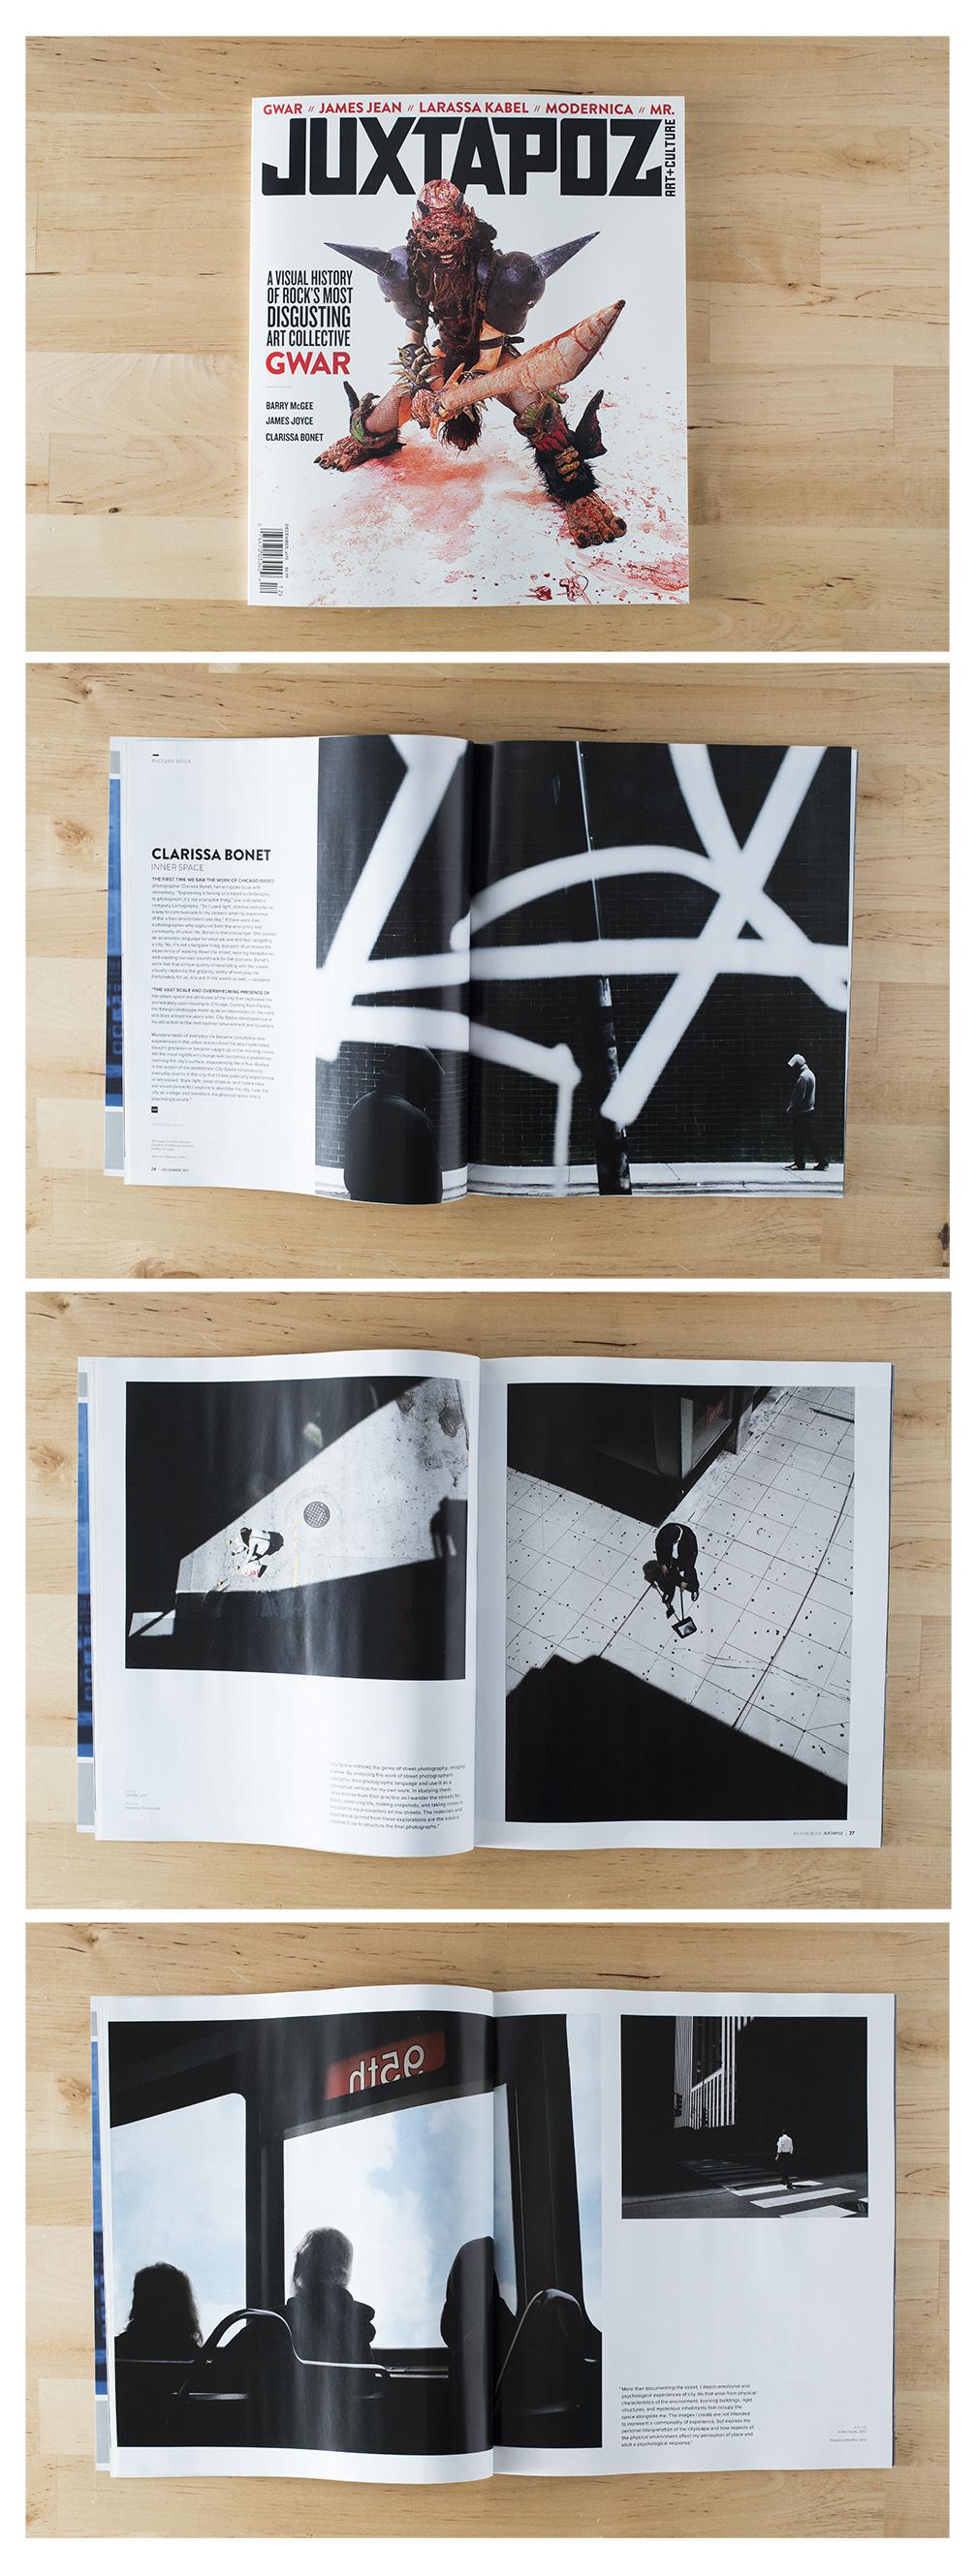 Juxtapoz Magazine December Issue